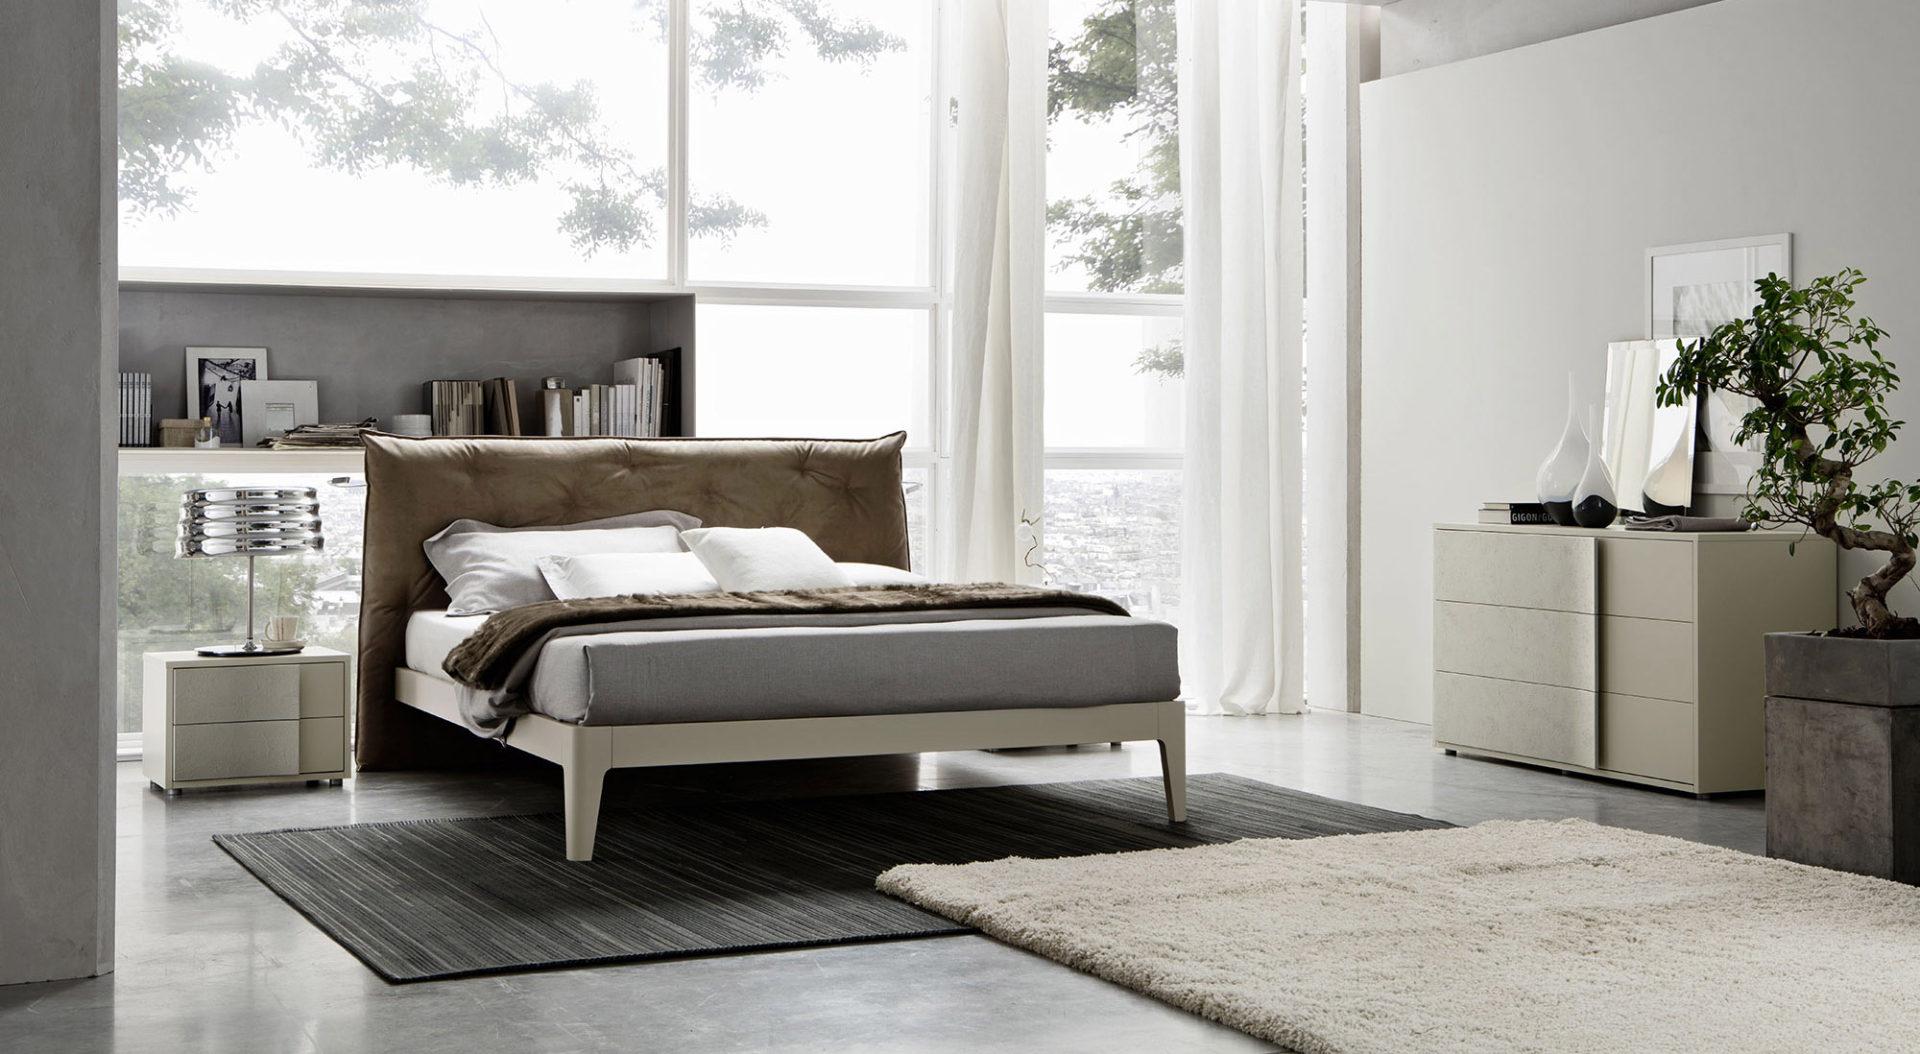 Design letti aston with design letti with design letti for Letti design 2016